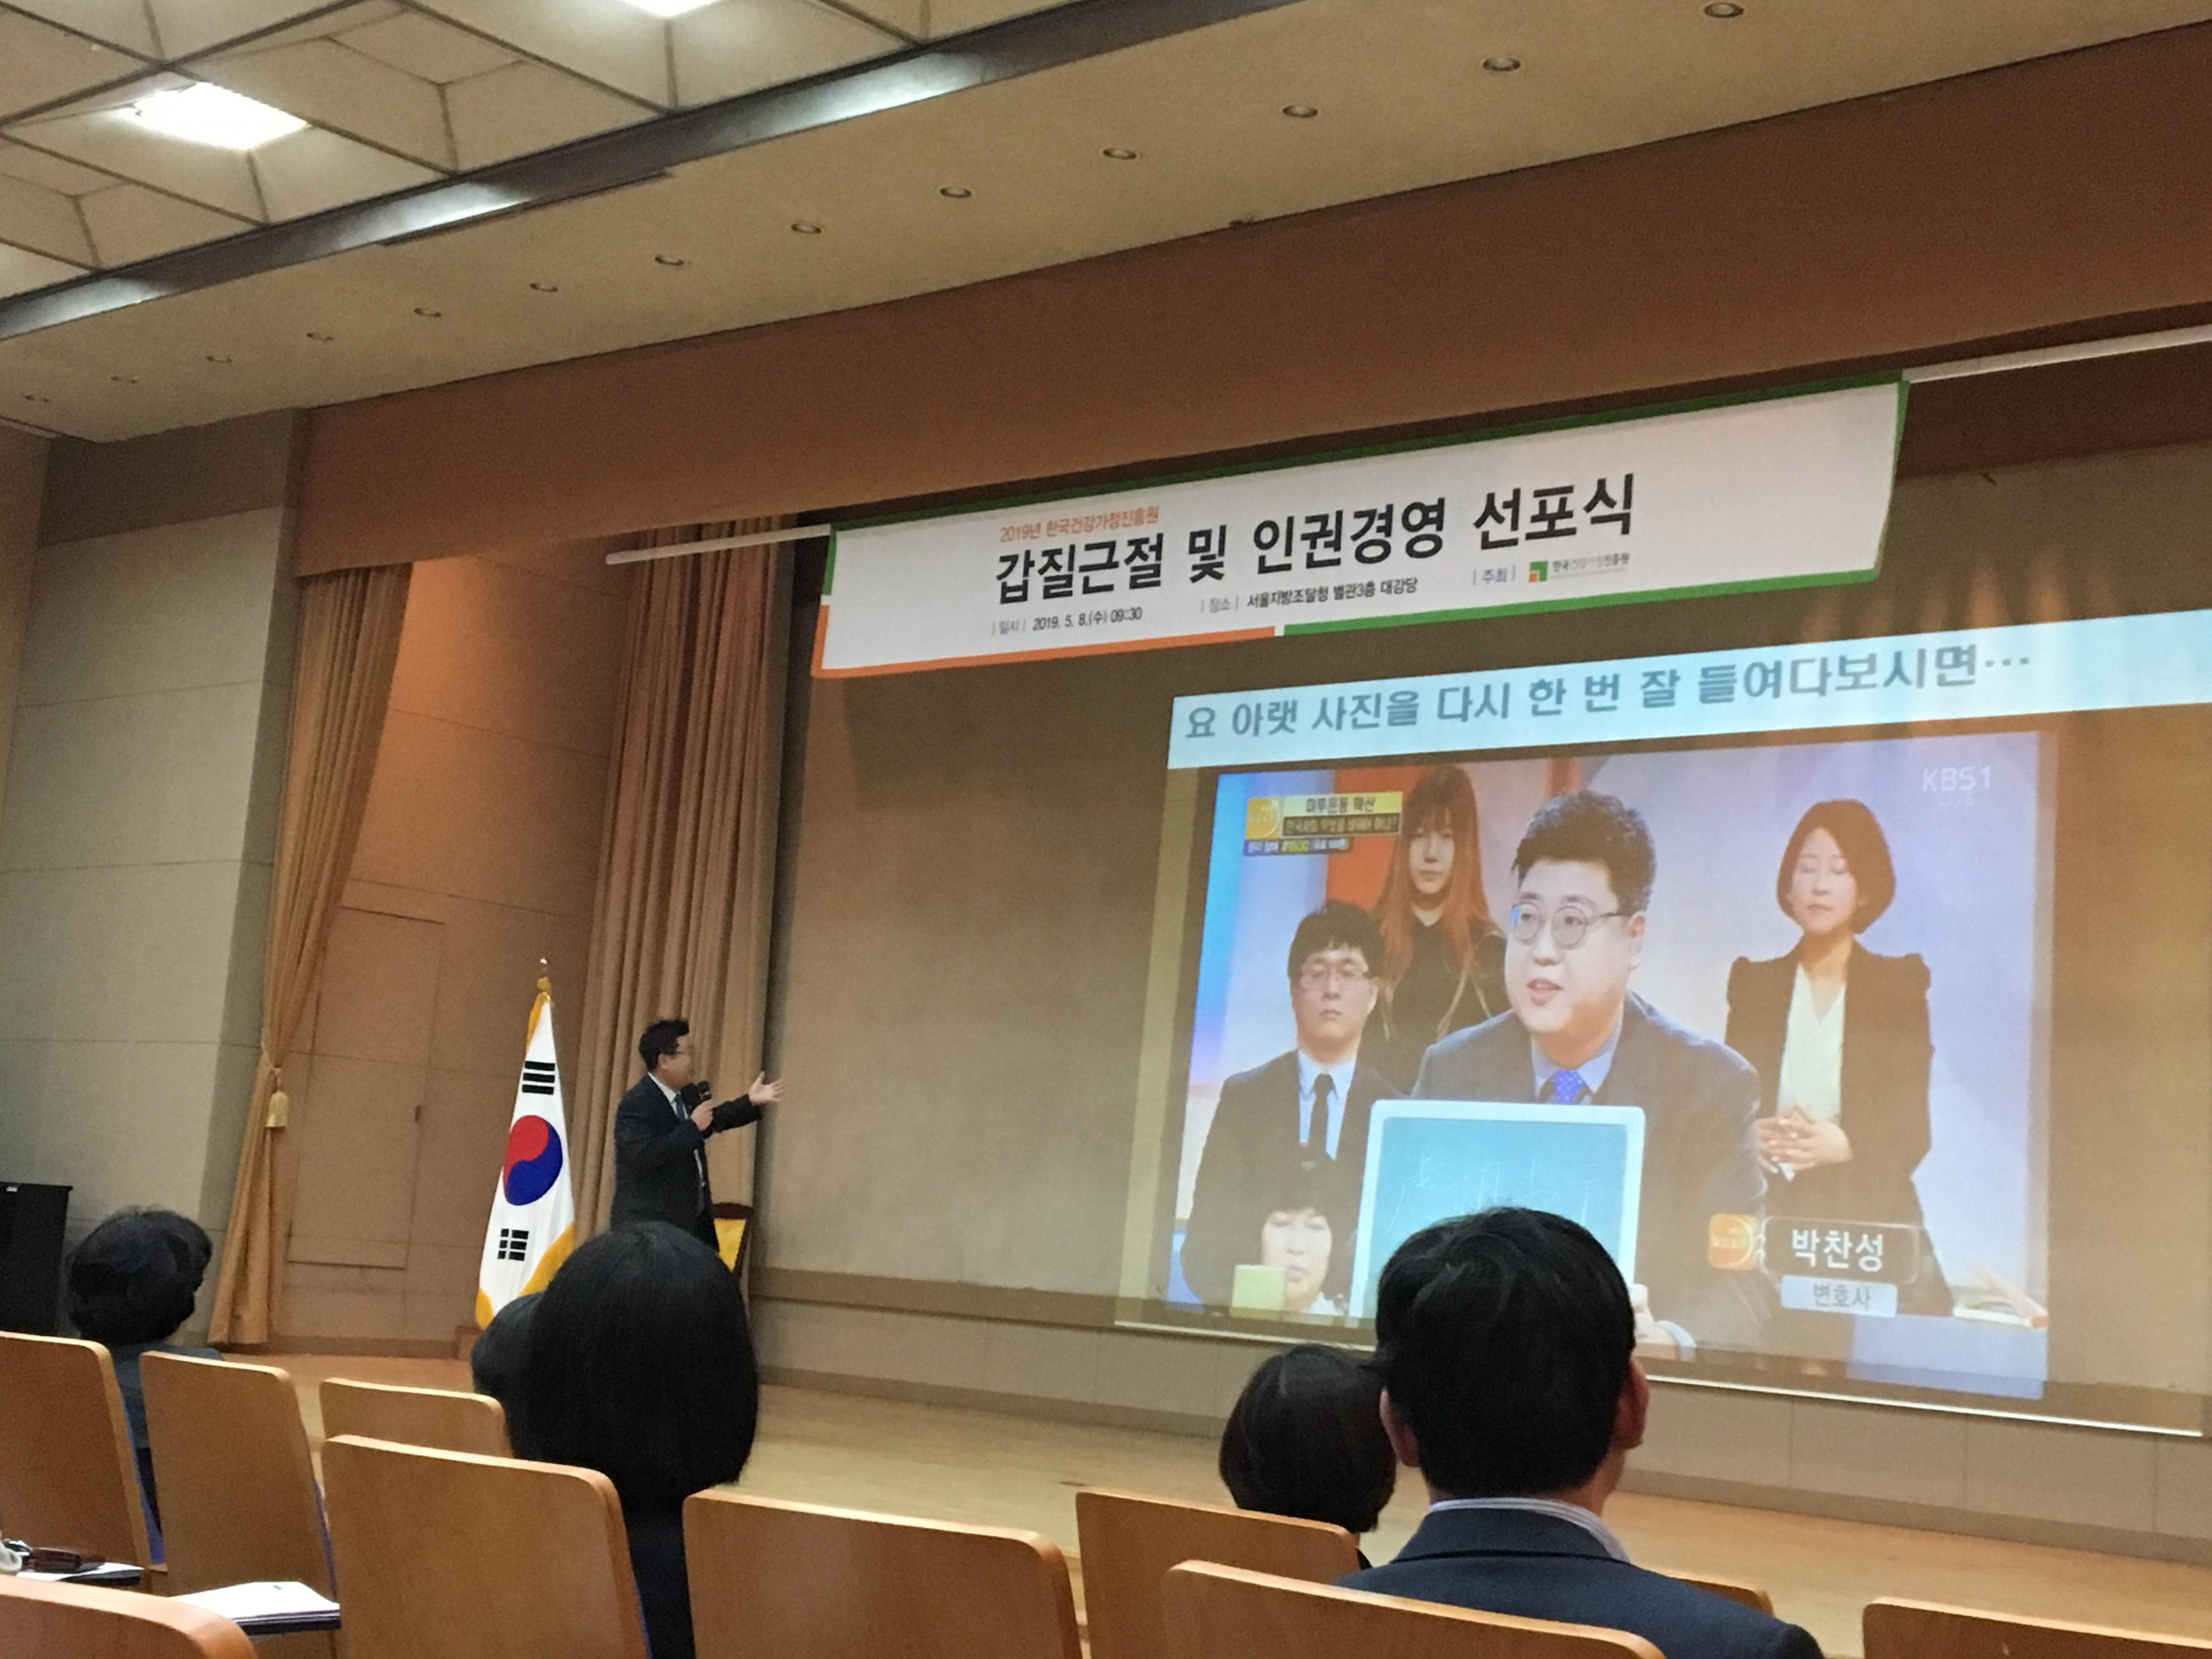 한국건강가정진흥원 '갑질 근절 및 인권경영' 선포_3